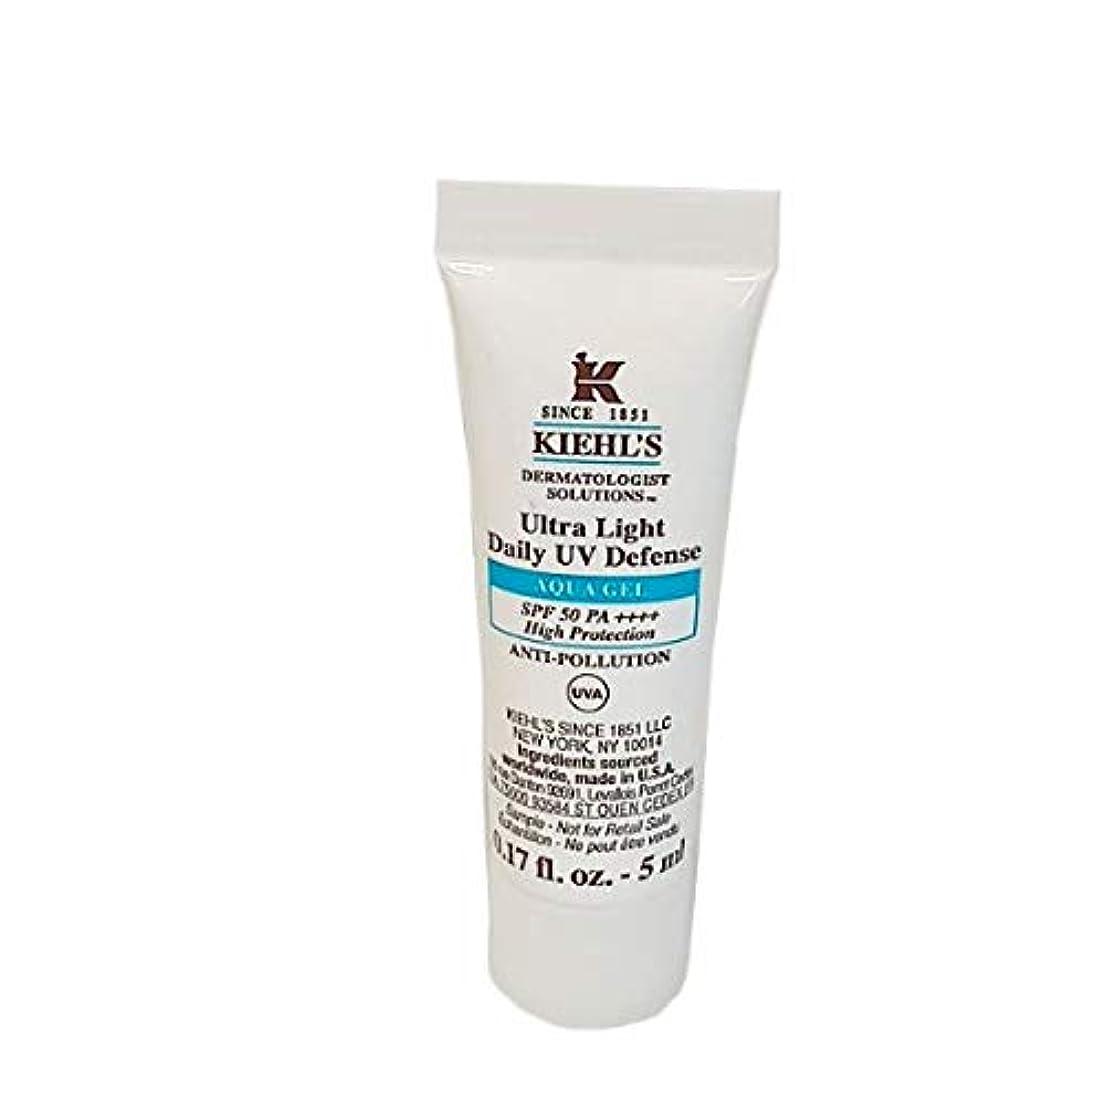 うめき市場トークンKIEHL'S (キールズ ) UVディフェンス アクア ジェル SPF50?PA++++ (5ml) / Kiehl's Ultra Light Daily UV Defense Aqua Gel